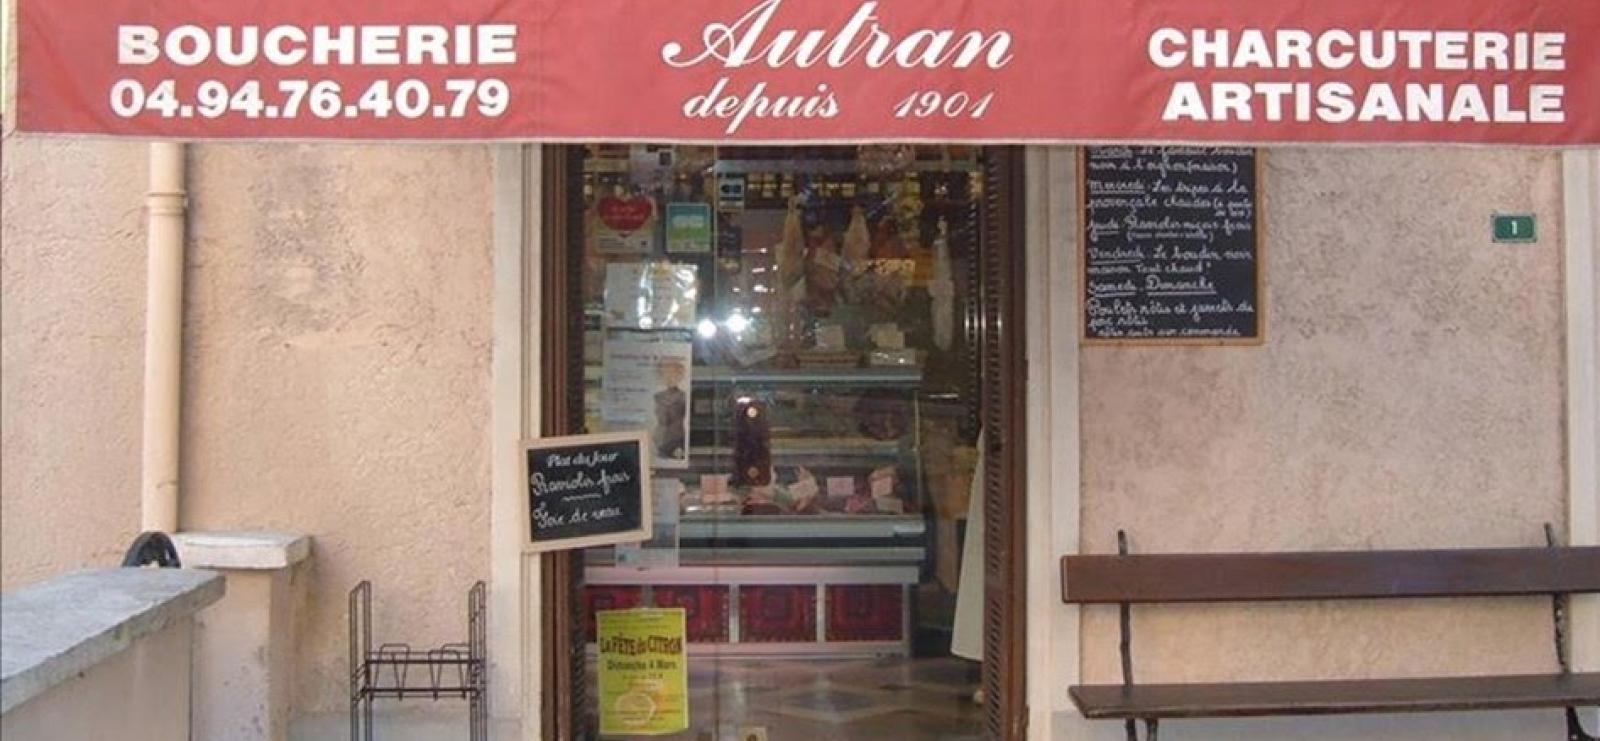 Boucherie Autran